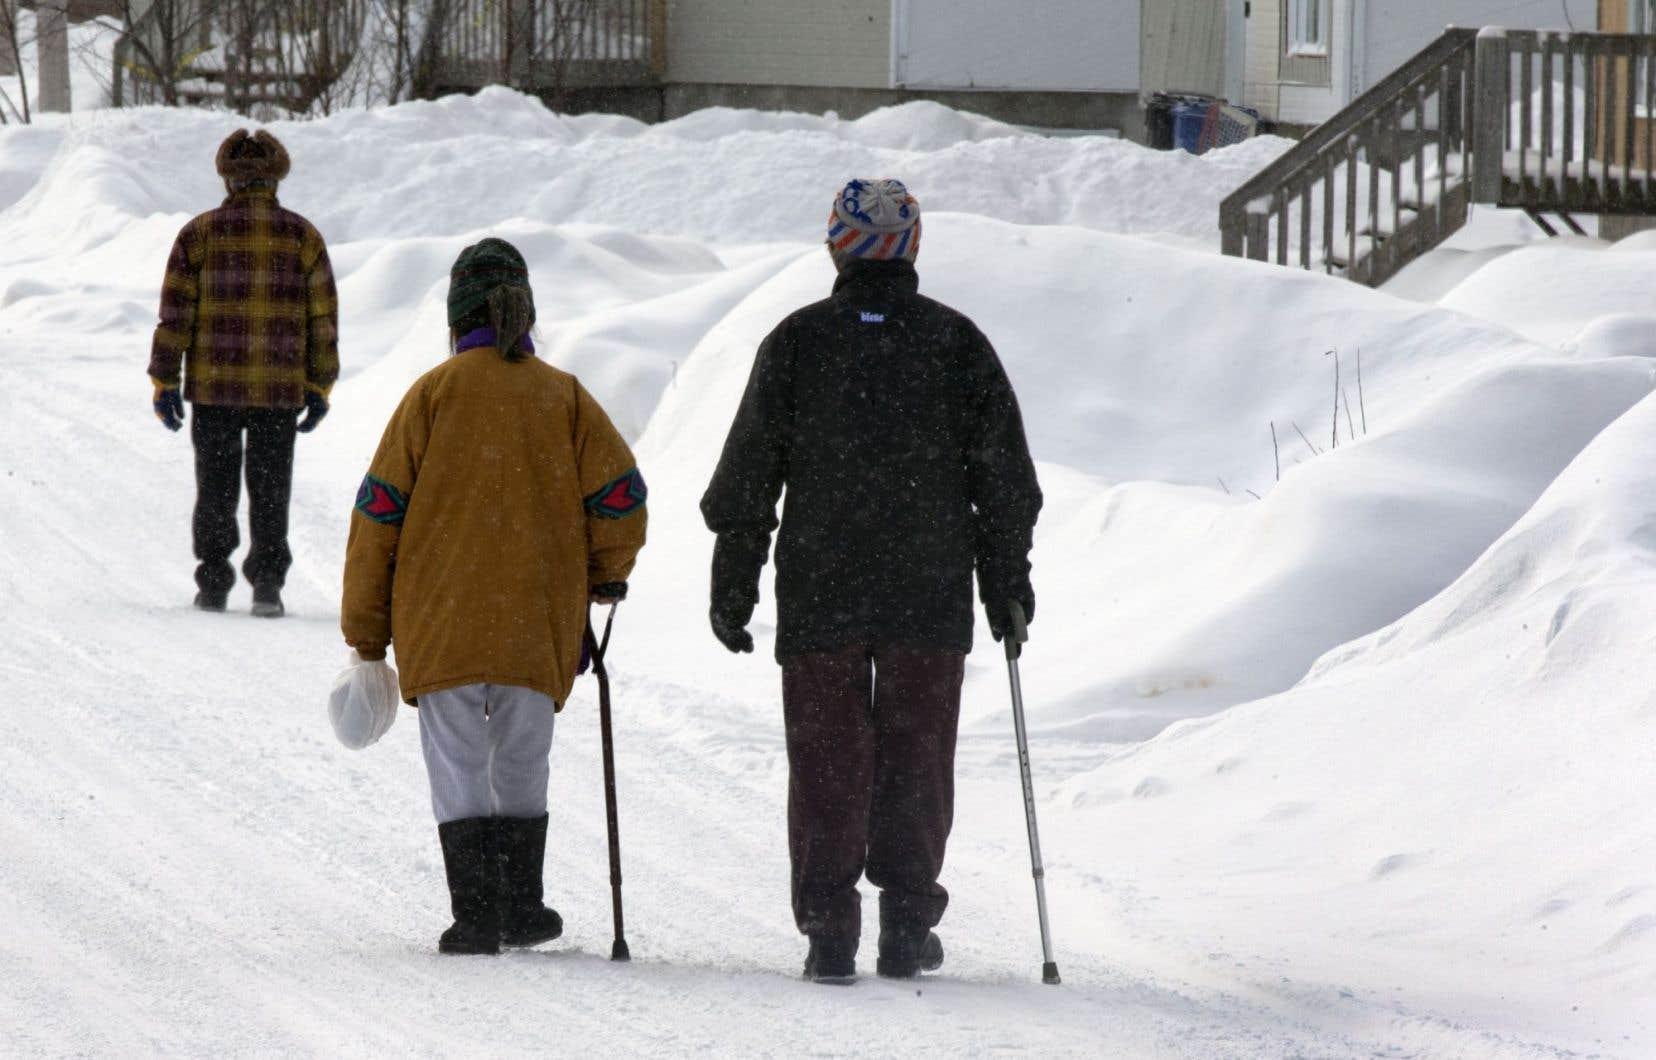 Les Canadiens les plus vulnérables, dont les femmes, les autochtones, les itinérants et les personnes handicapées, notamment, ont souffert de la baisse relative du financement des programmes sociaux, selon l'ONU.